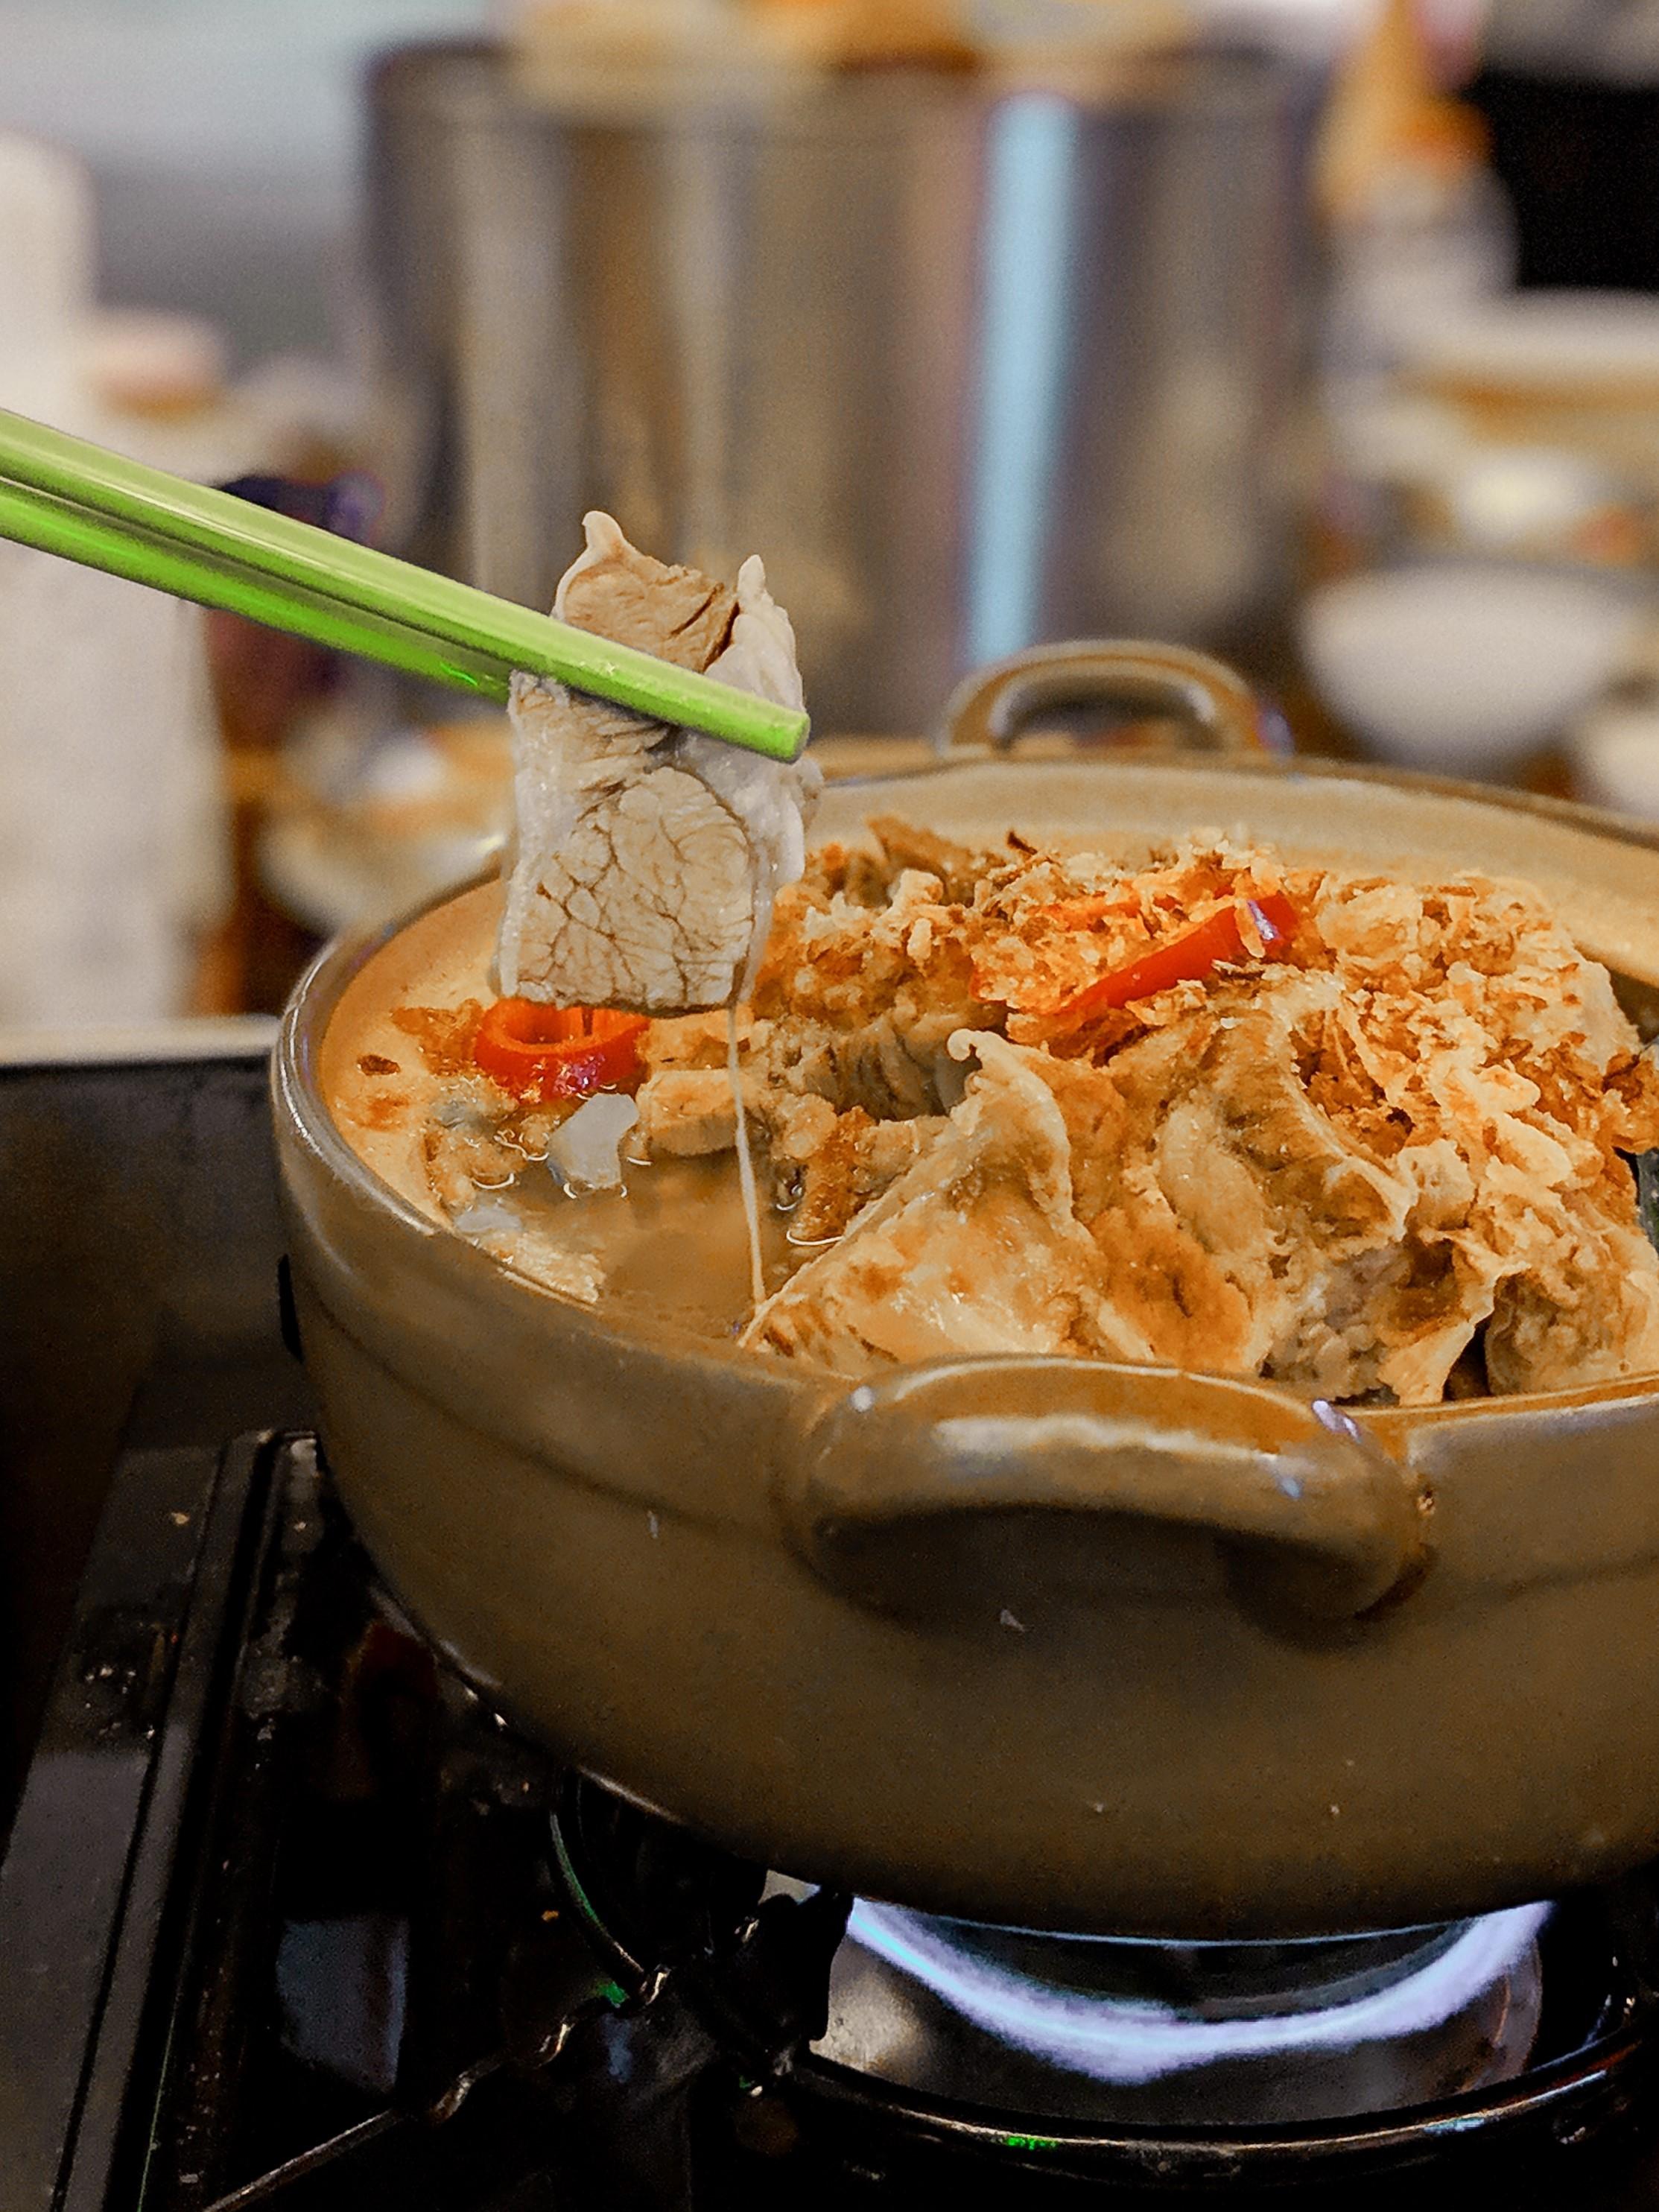 6.Lei Ka Choi Hot Pot at Broadway Macao Hot Pot sensation